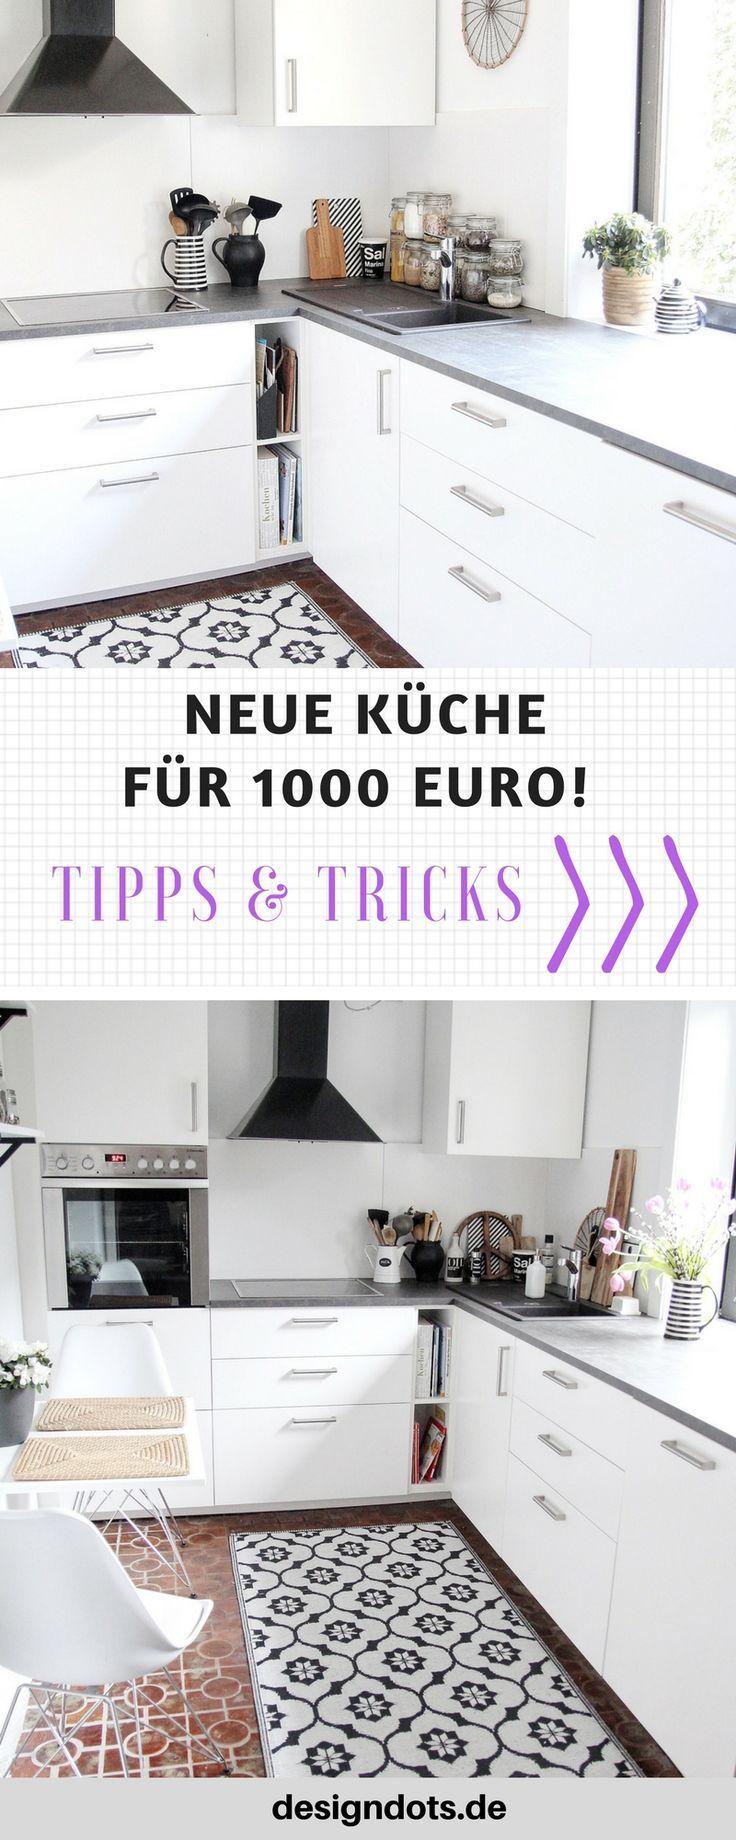 21 best Küche - Interior images on Pinterest